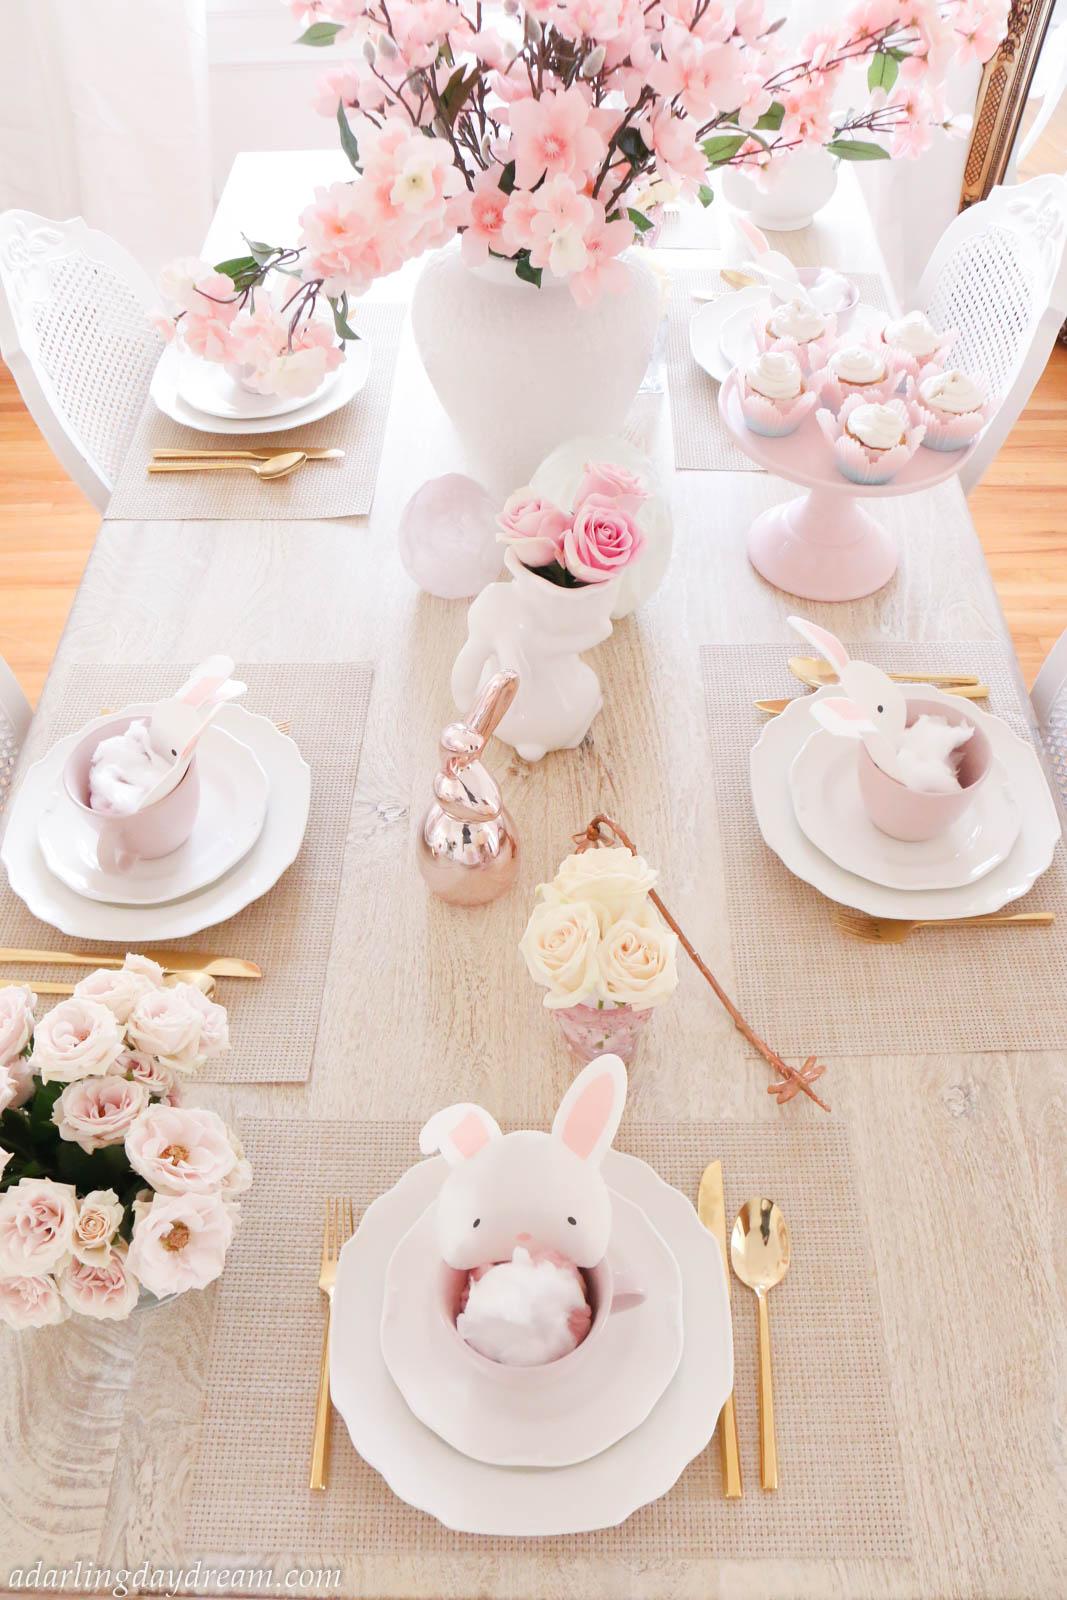 Easter-Tablescape-Spring-Tea-party-Decor-24